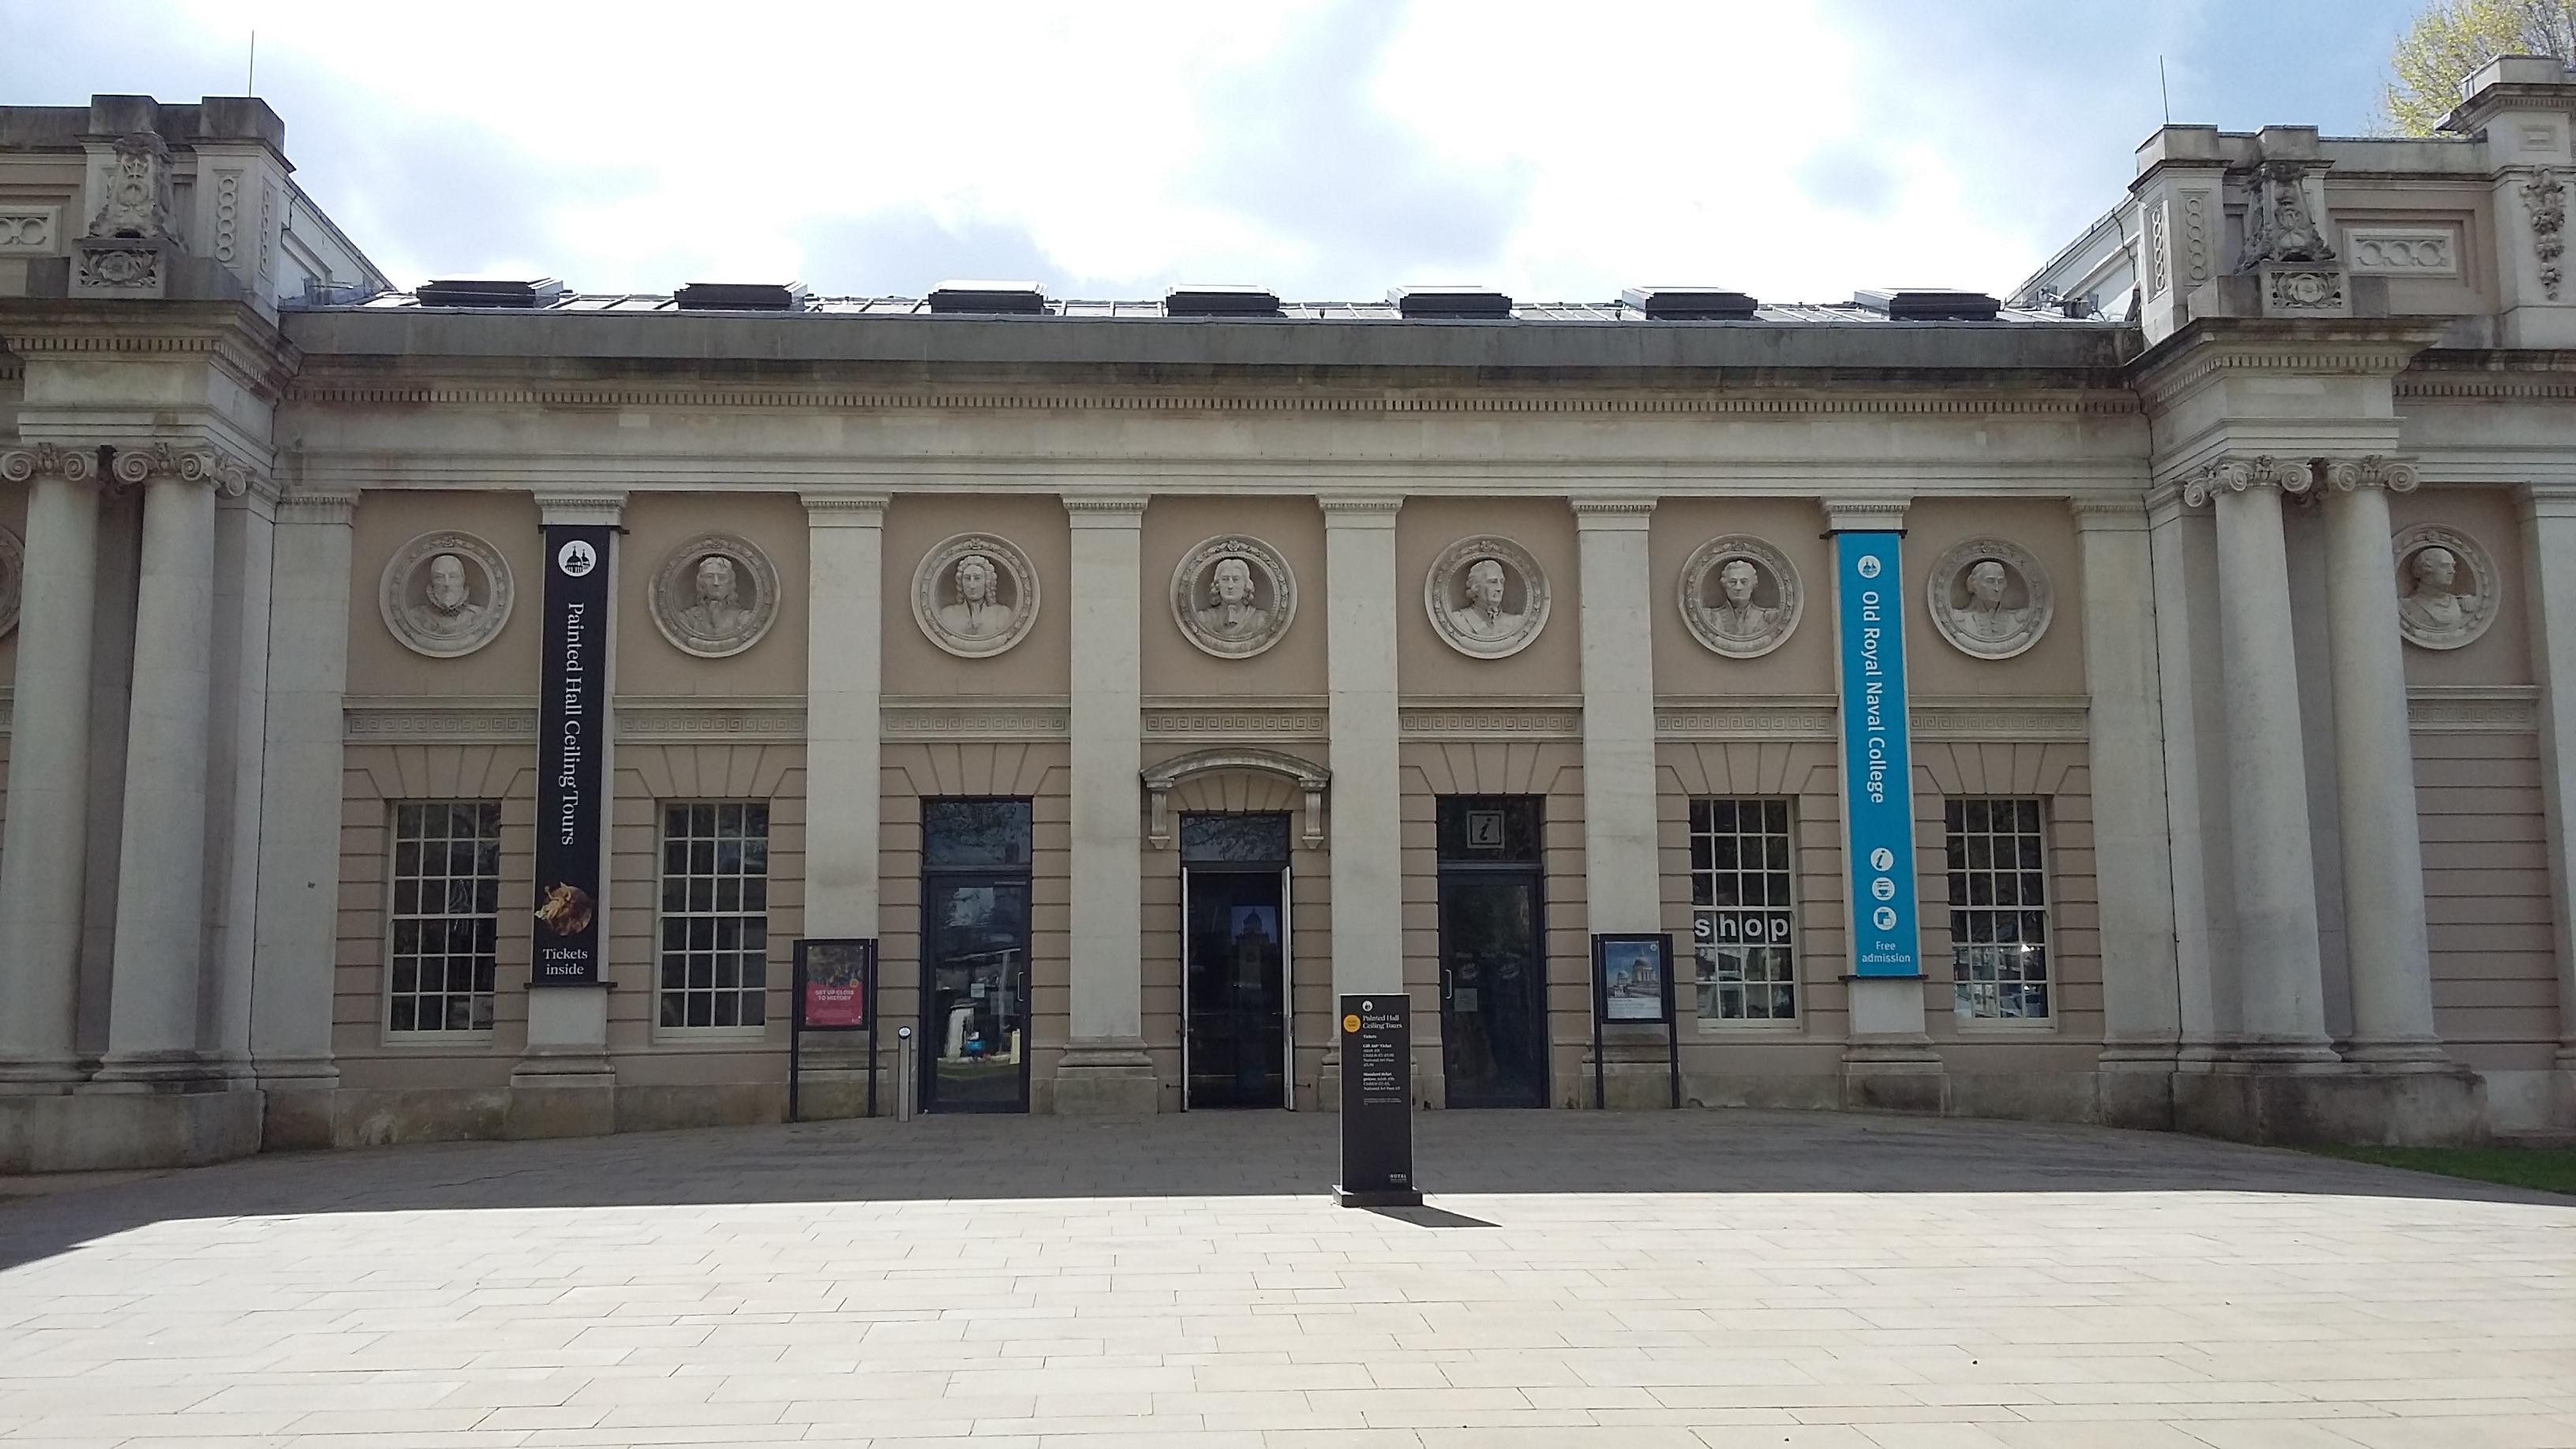 Greenwich Visitor Centre